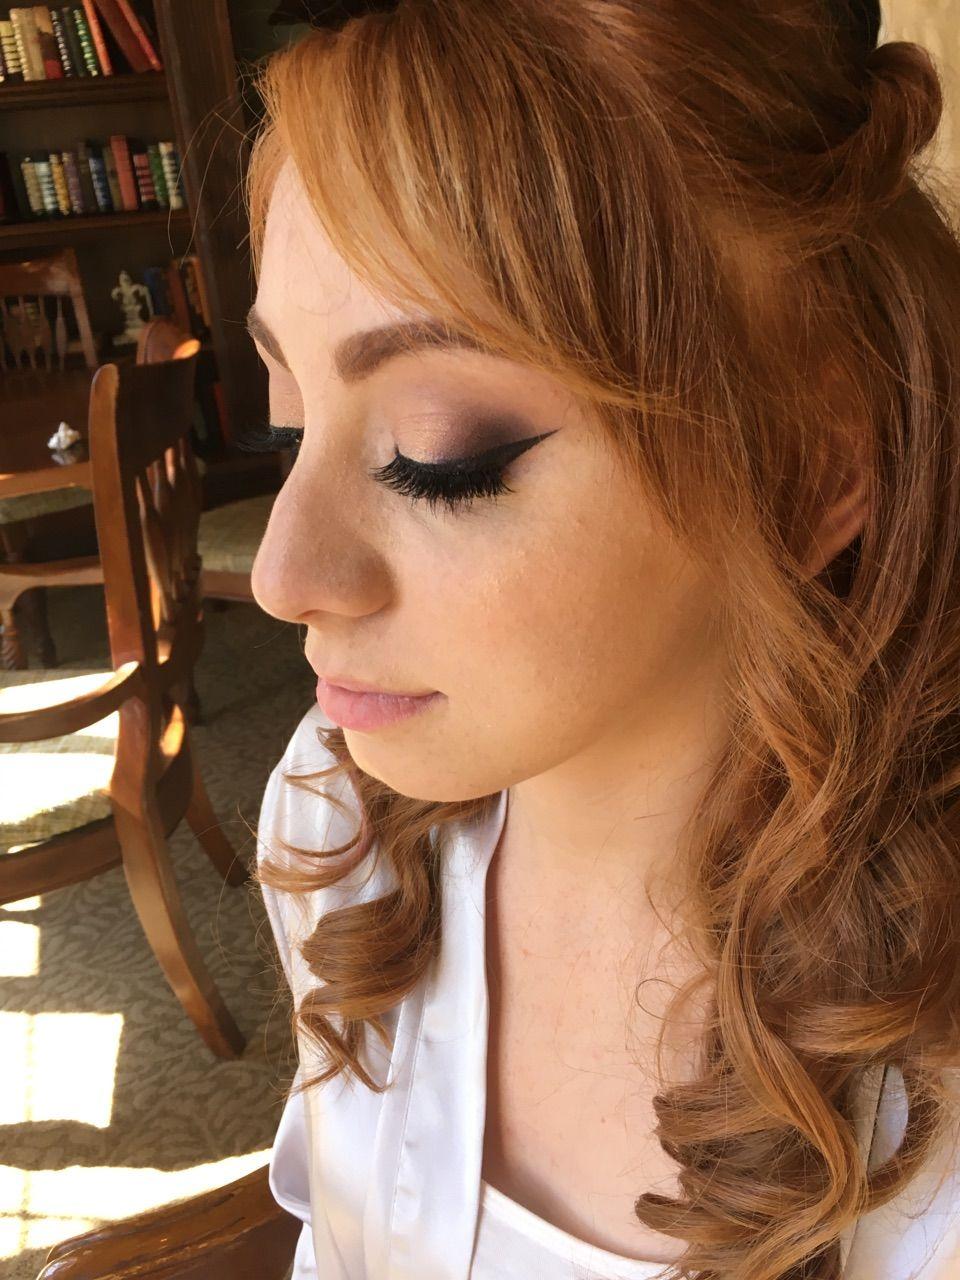 hair & makeup by aynslee #teambride naples fl 888-519-1118